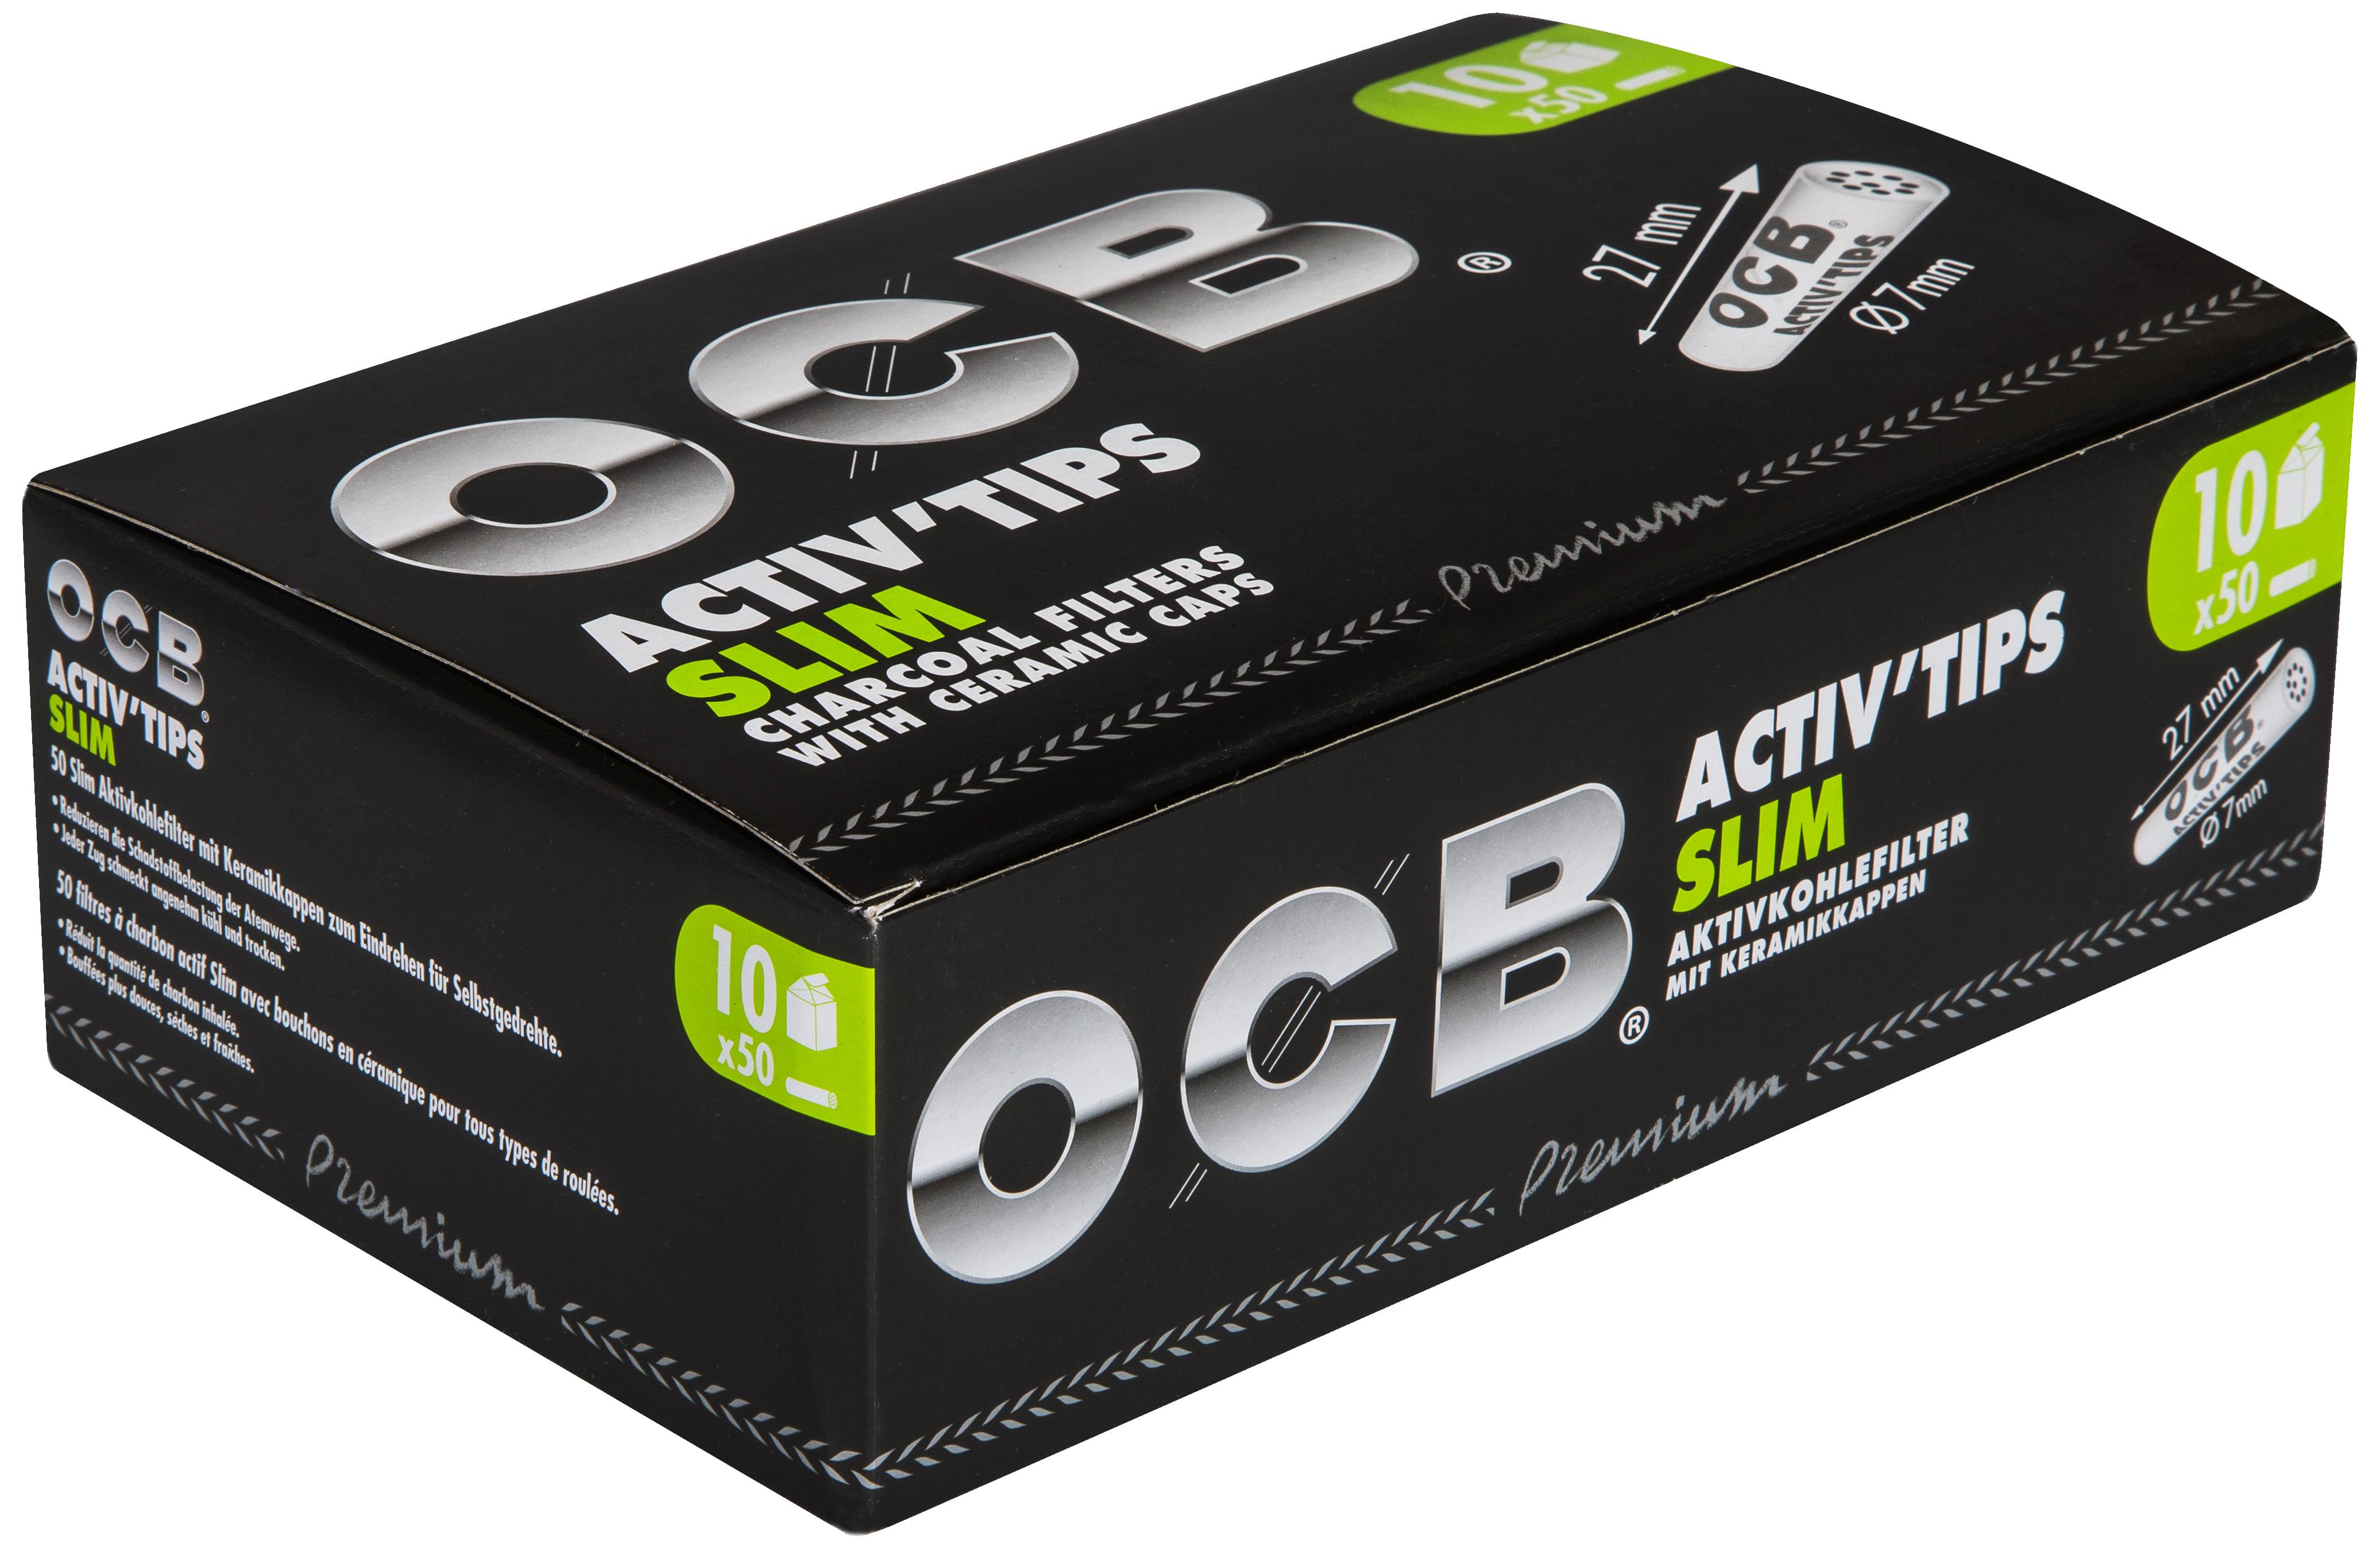 OCB Activ Tips Slim Aktivkohlefilter 7mm